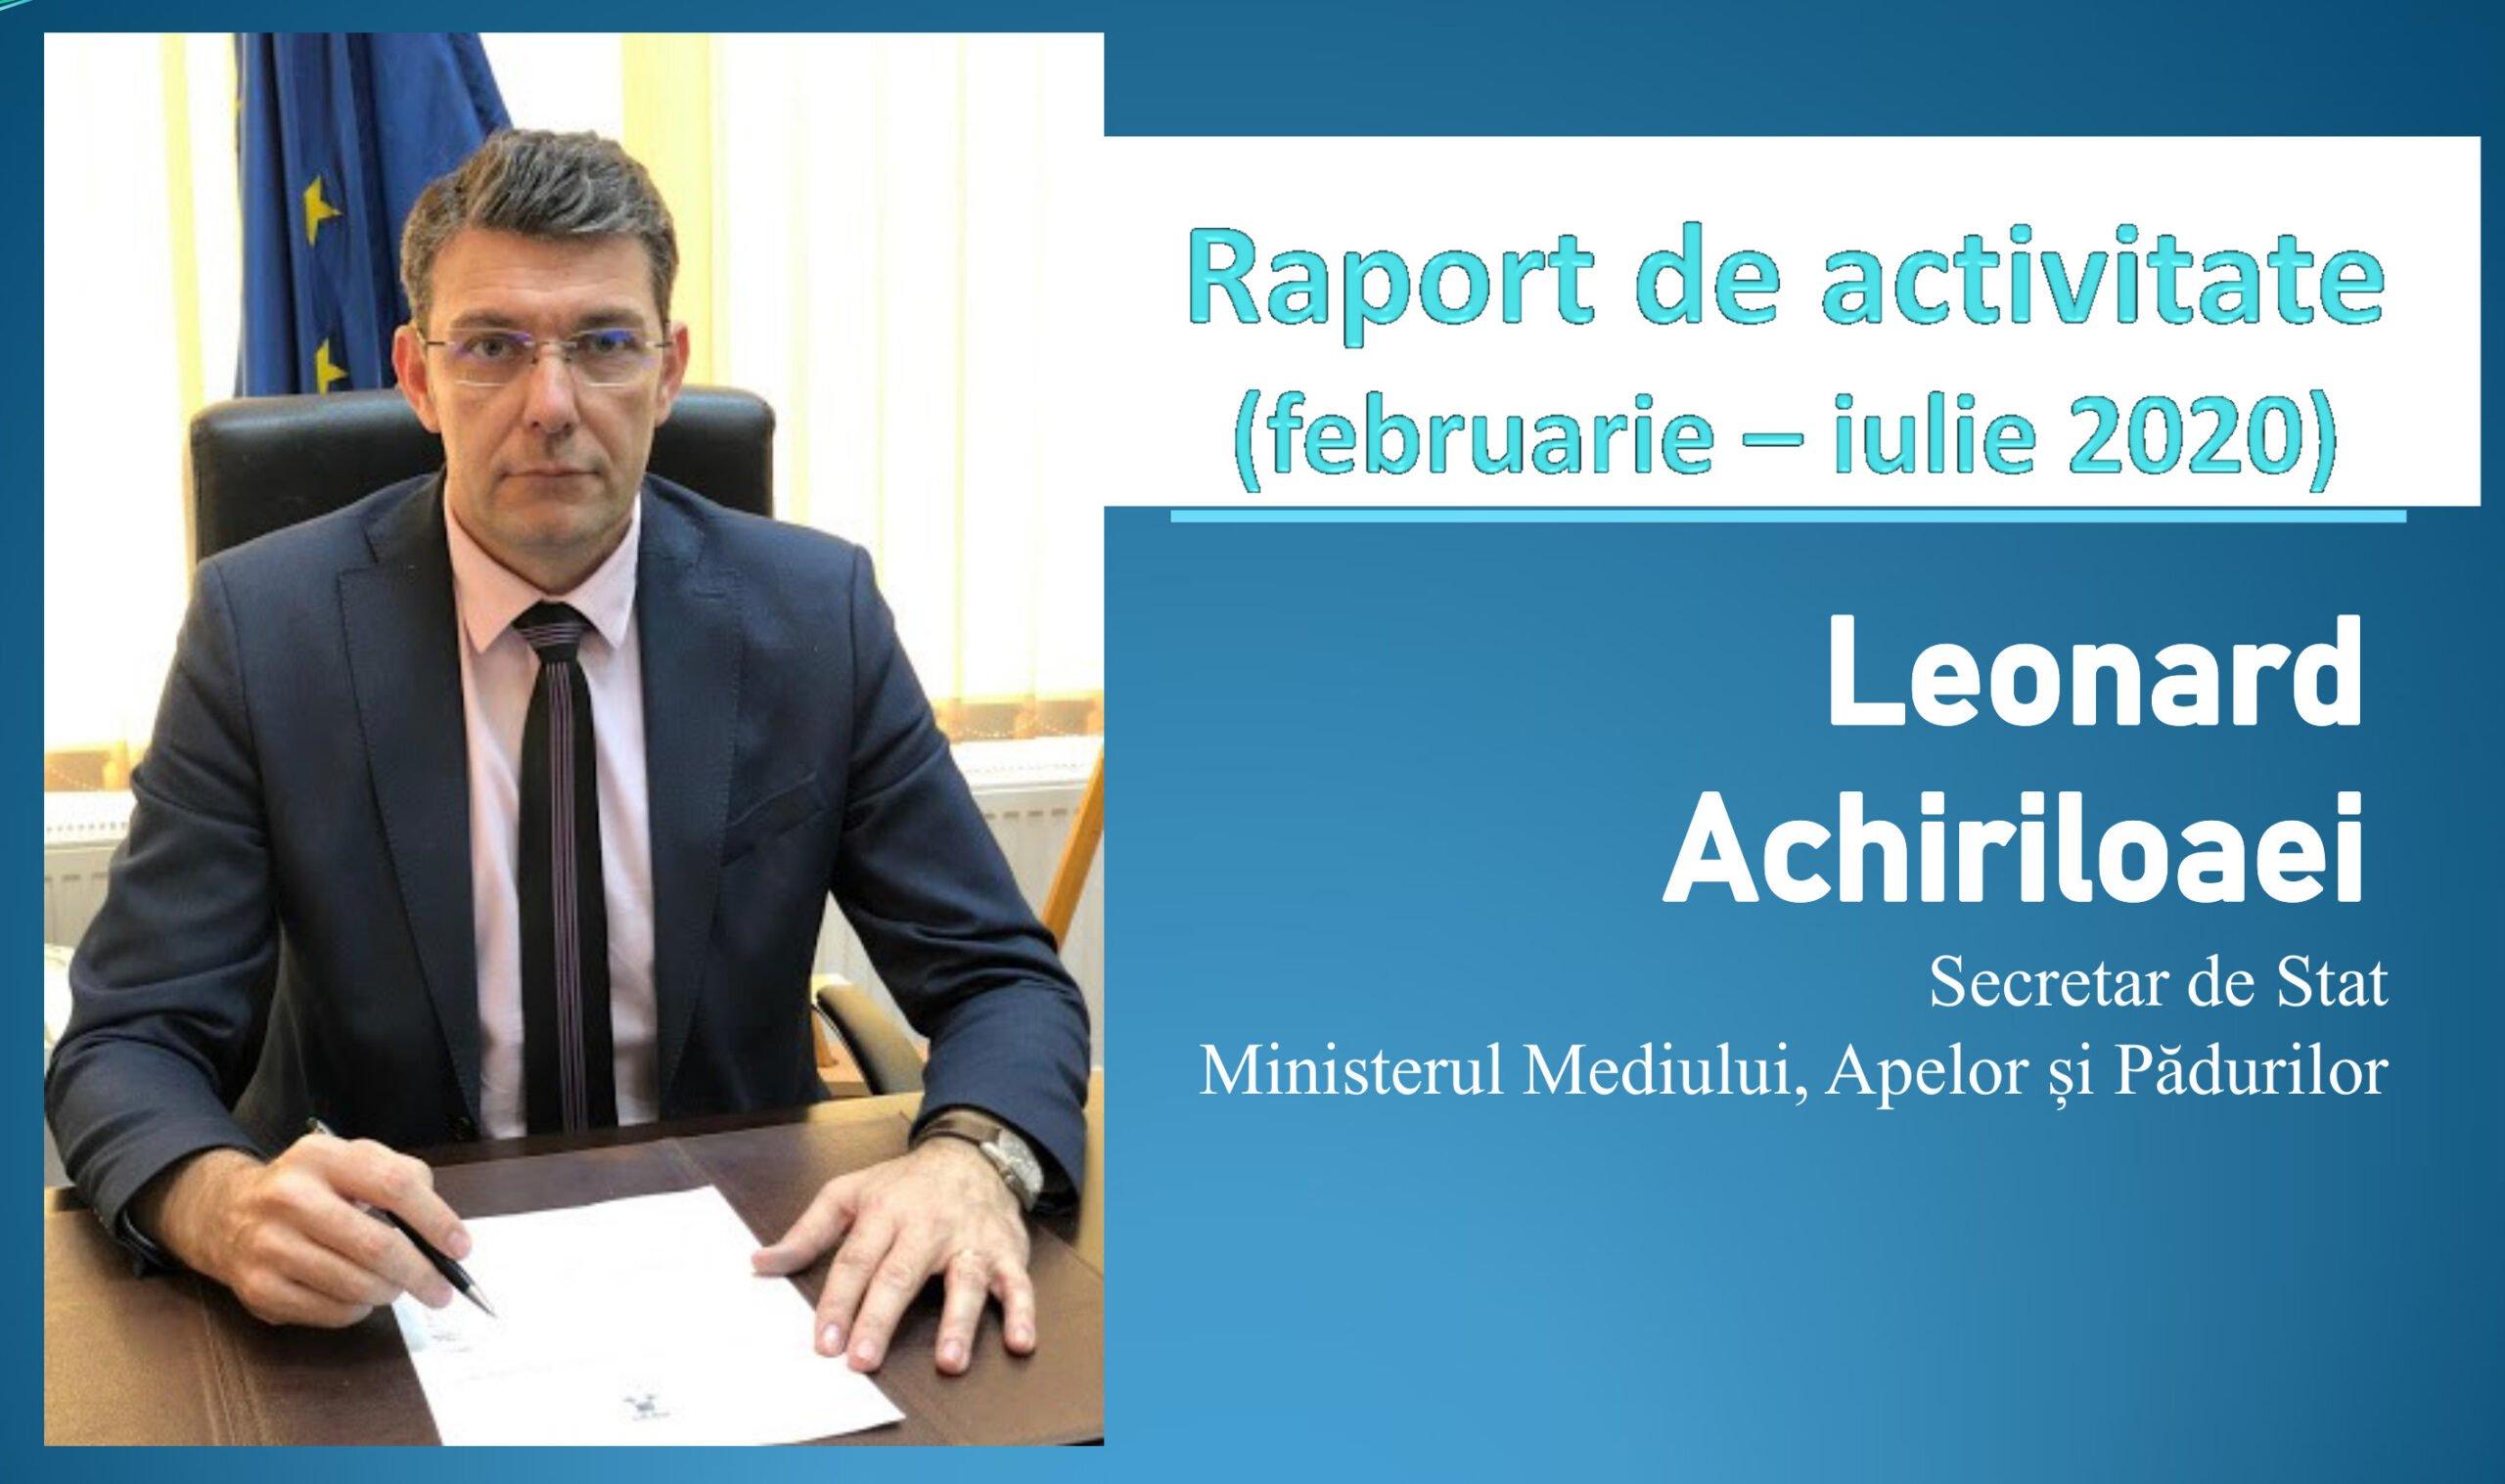 Secretarul de stat Leonard Achiriloaei, raport de activitate după primele șase luni de mandat